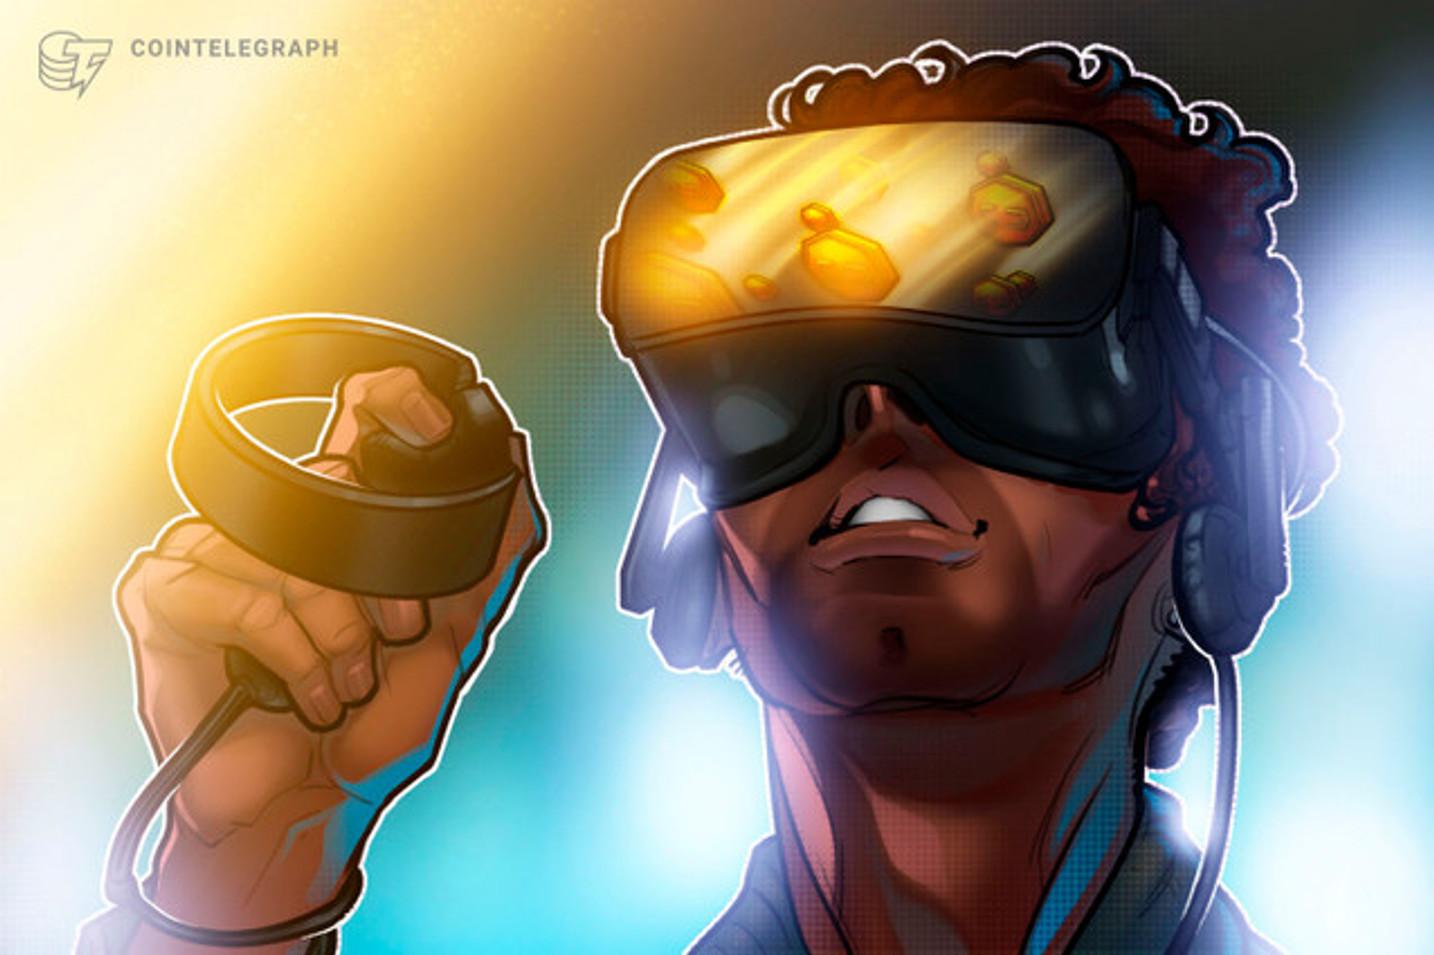 ブロックチェーンゲームのザ・サンドボックス、仮想通貨取引所バイナンスでIEO実施へ